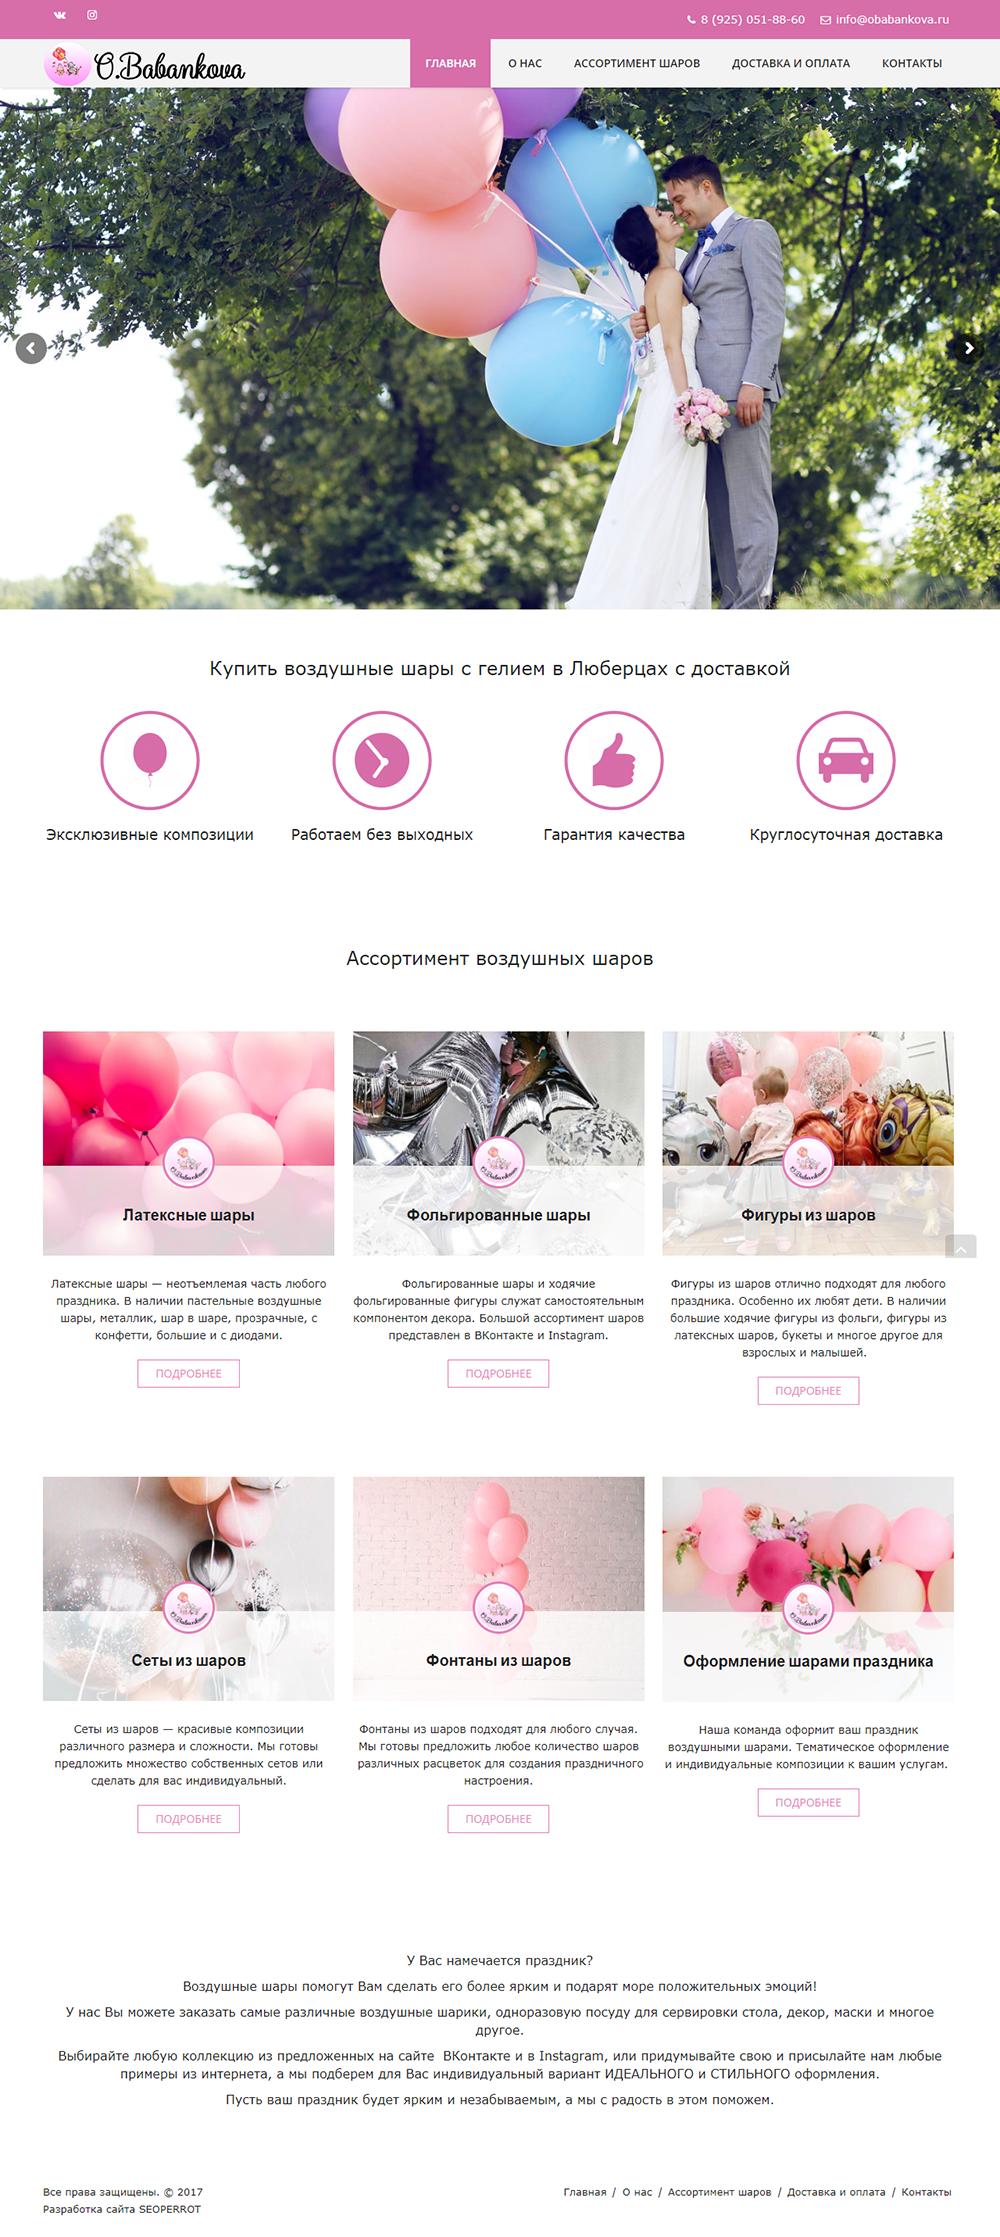 Главная страница сайта для продажи шаров